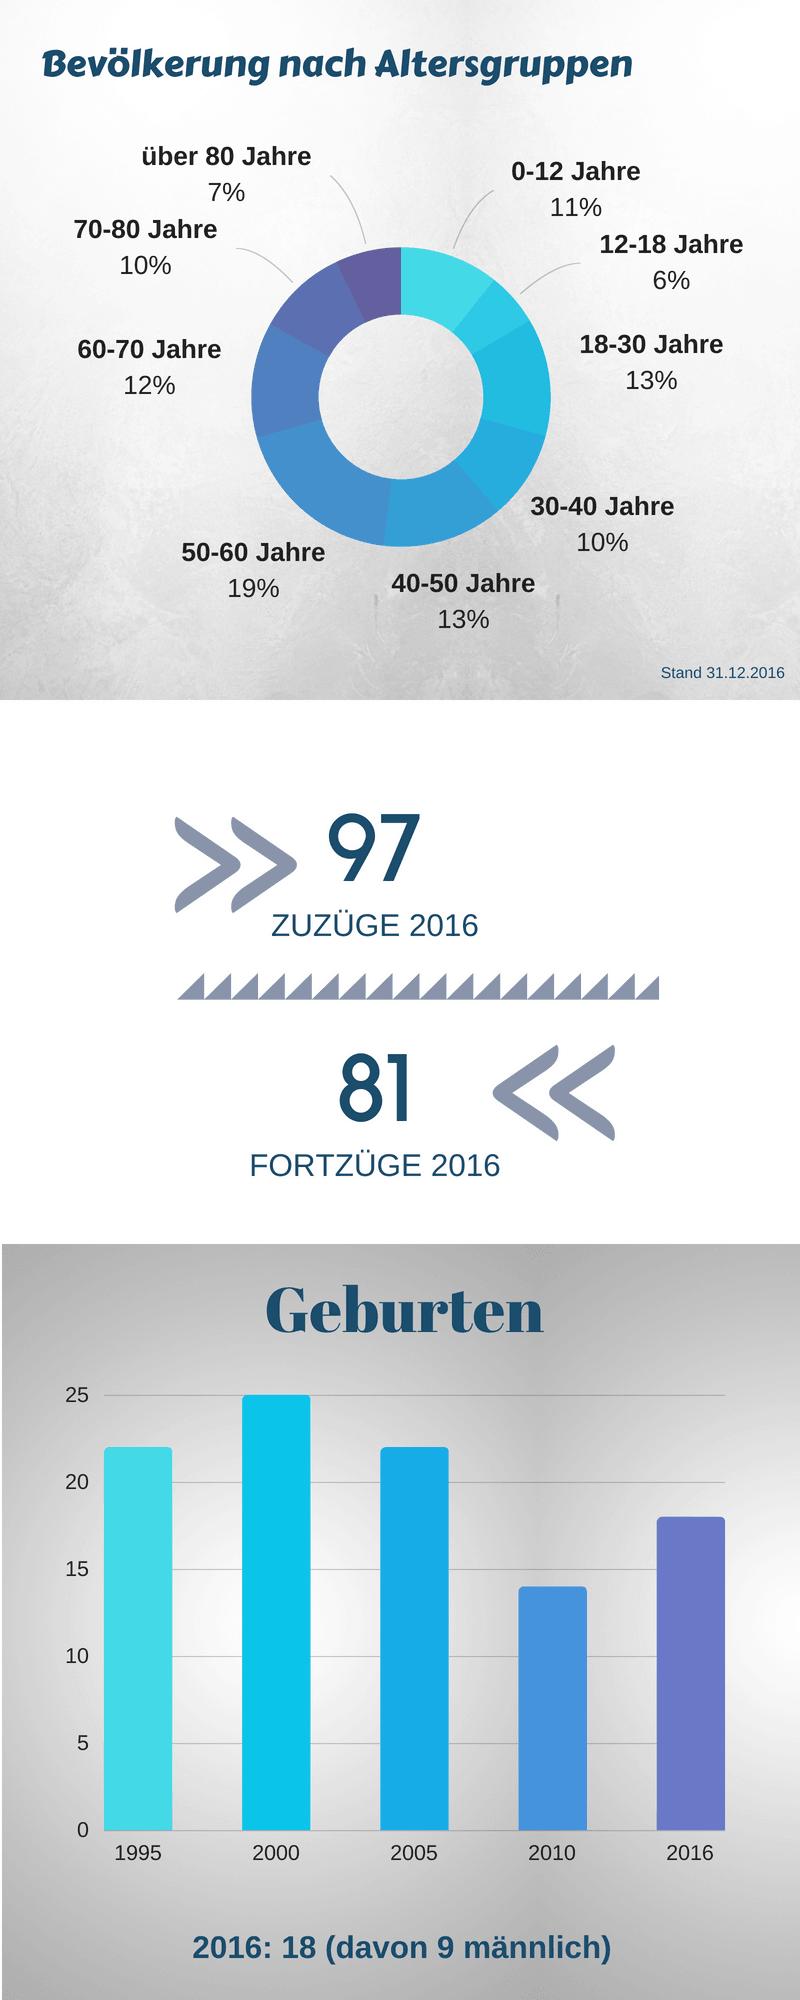 Bilshausen_Infografik4